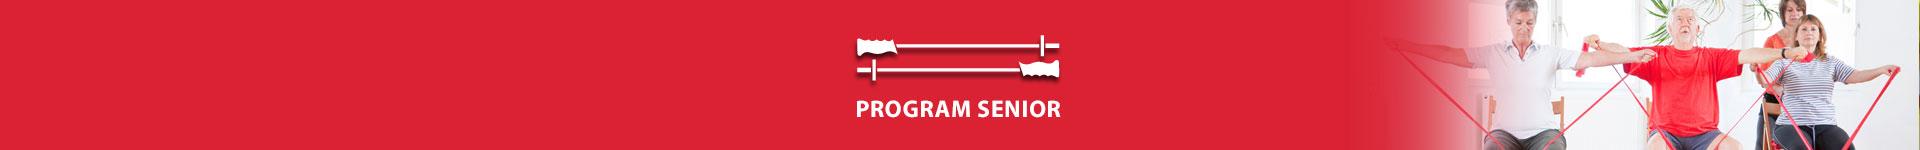 zajęcia senior - starszy, sprawniejszy